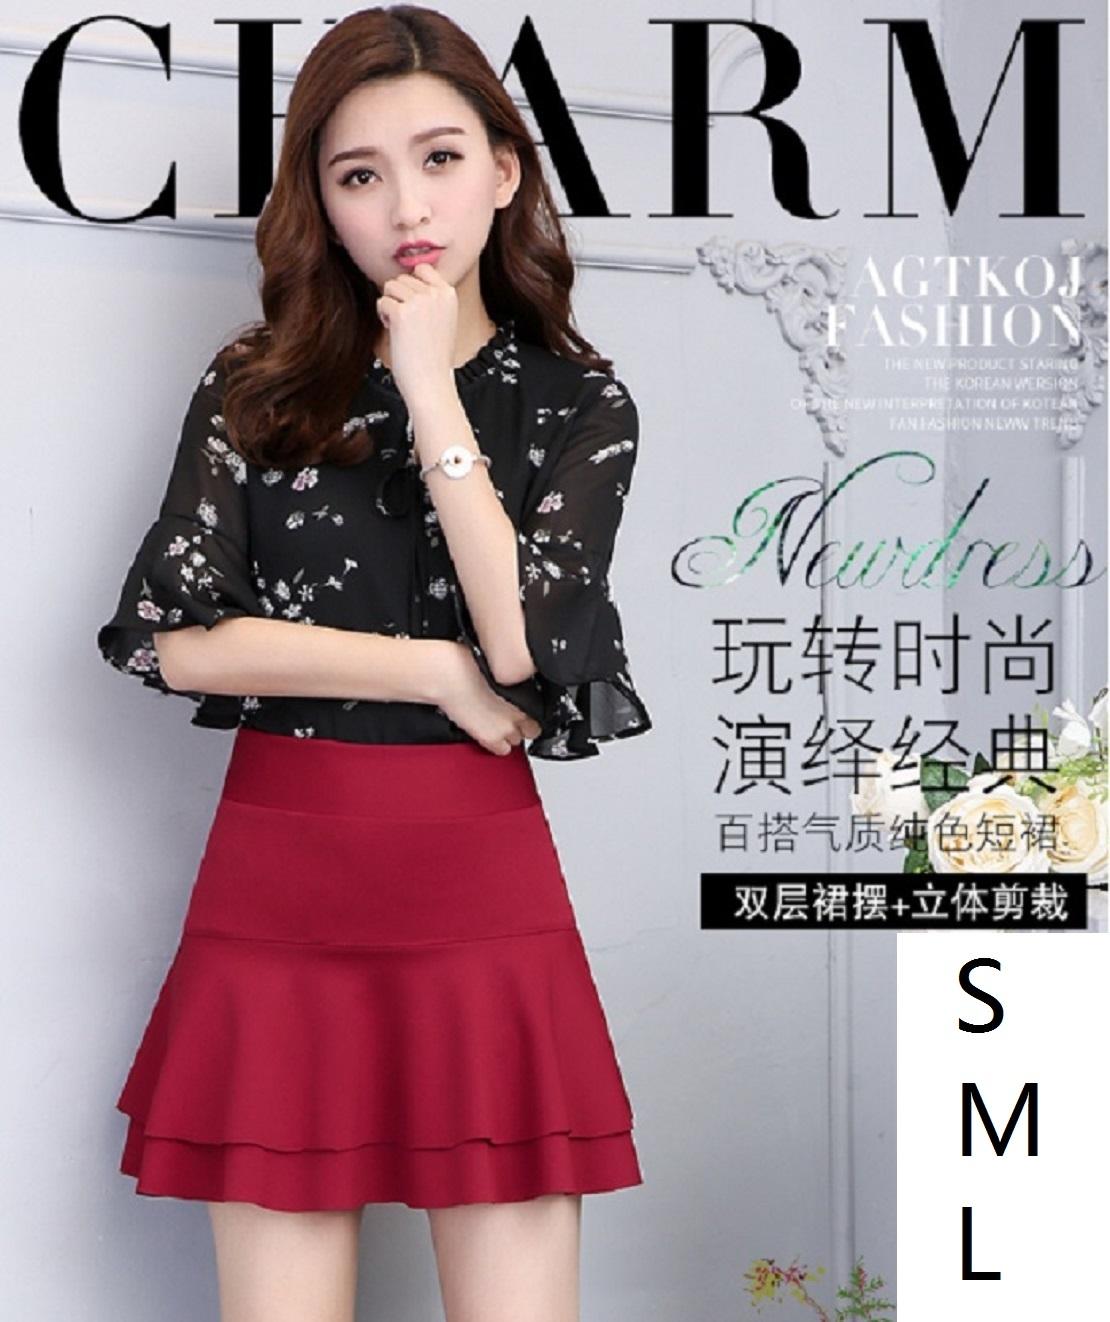 韓版高腰彈力防走光短裙雙層裙擺A字裙蛋糕裙 Cindygirl A566